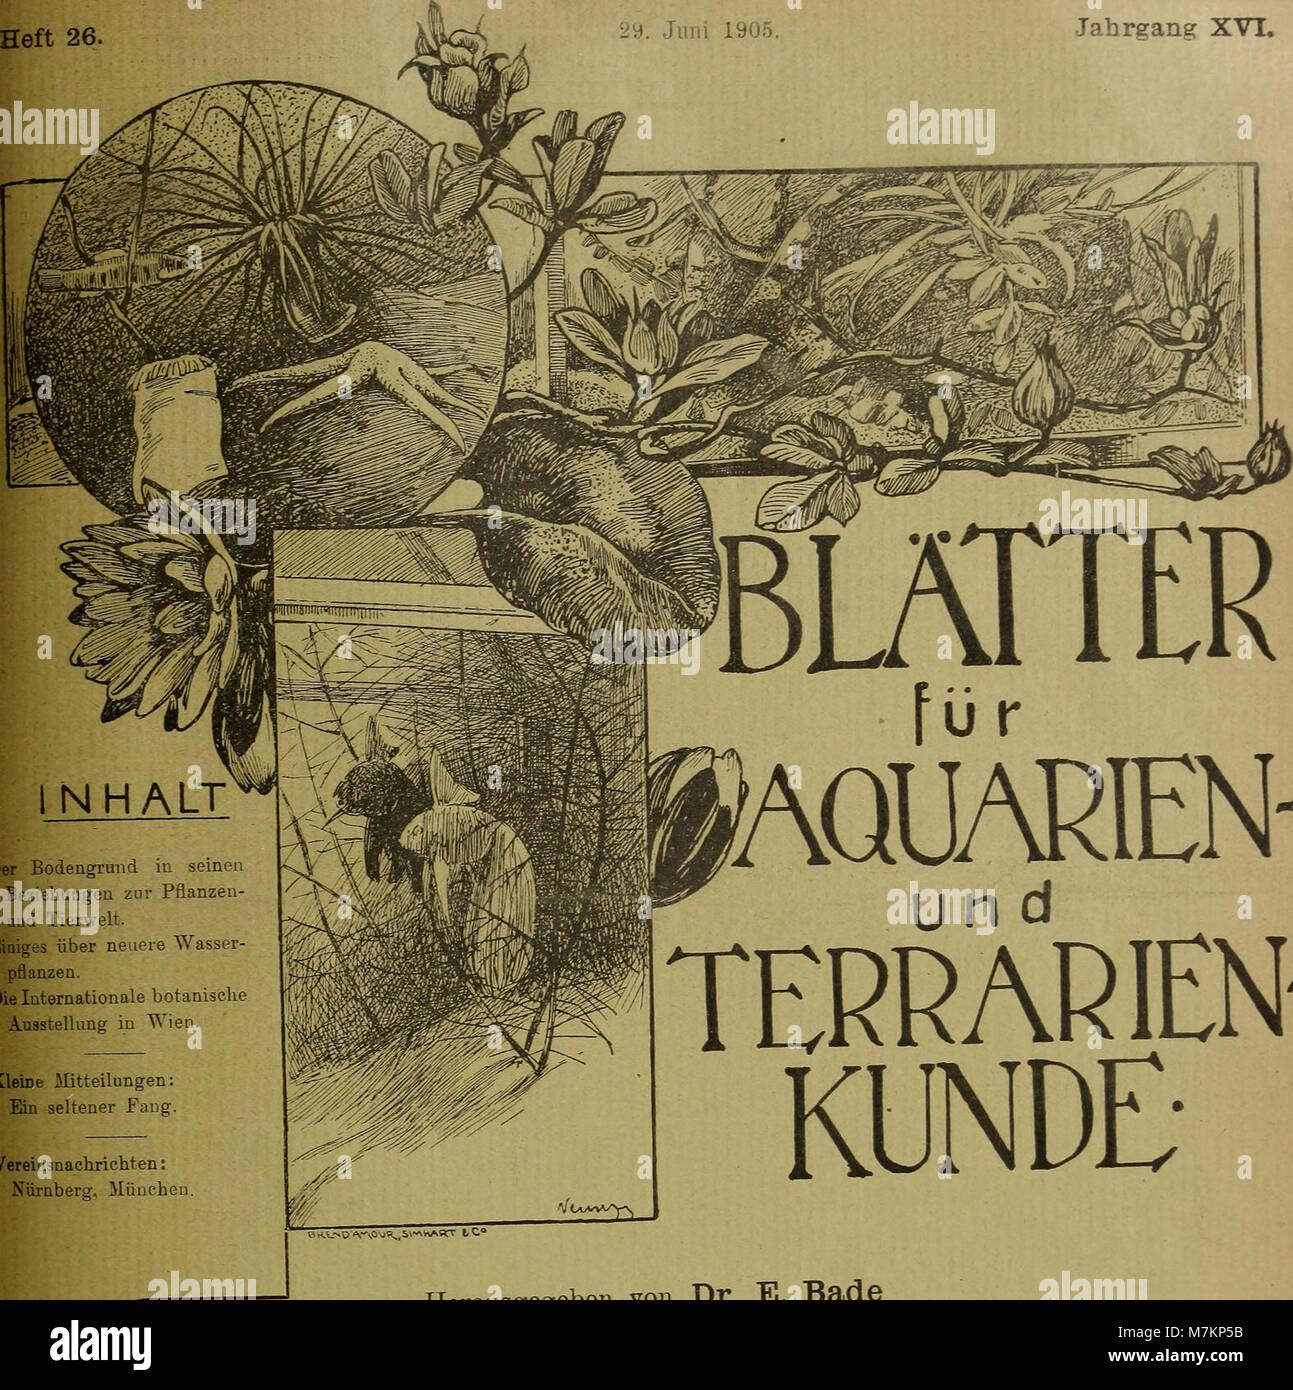 Blätter für Aquarien- und Terrarien-Kunde (1905) (20200932559) Stockfoto